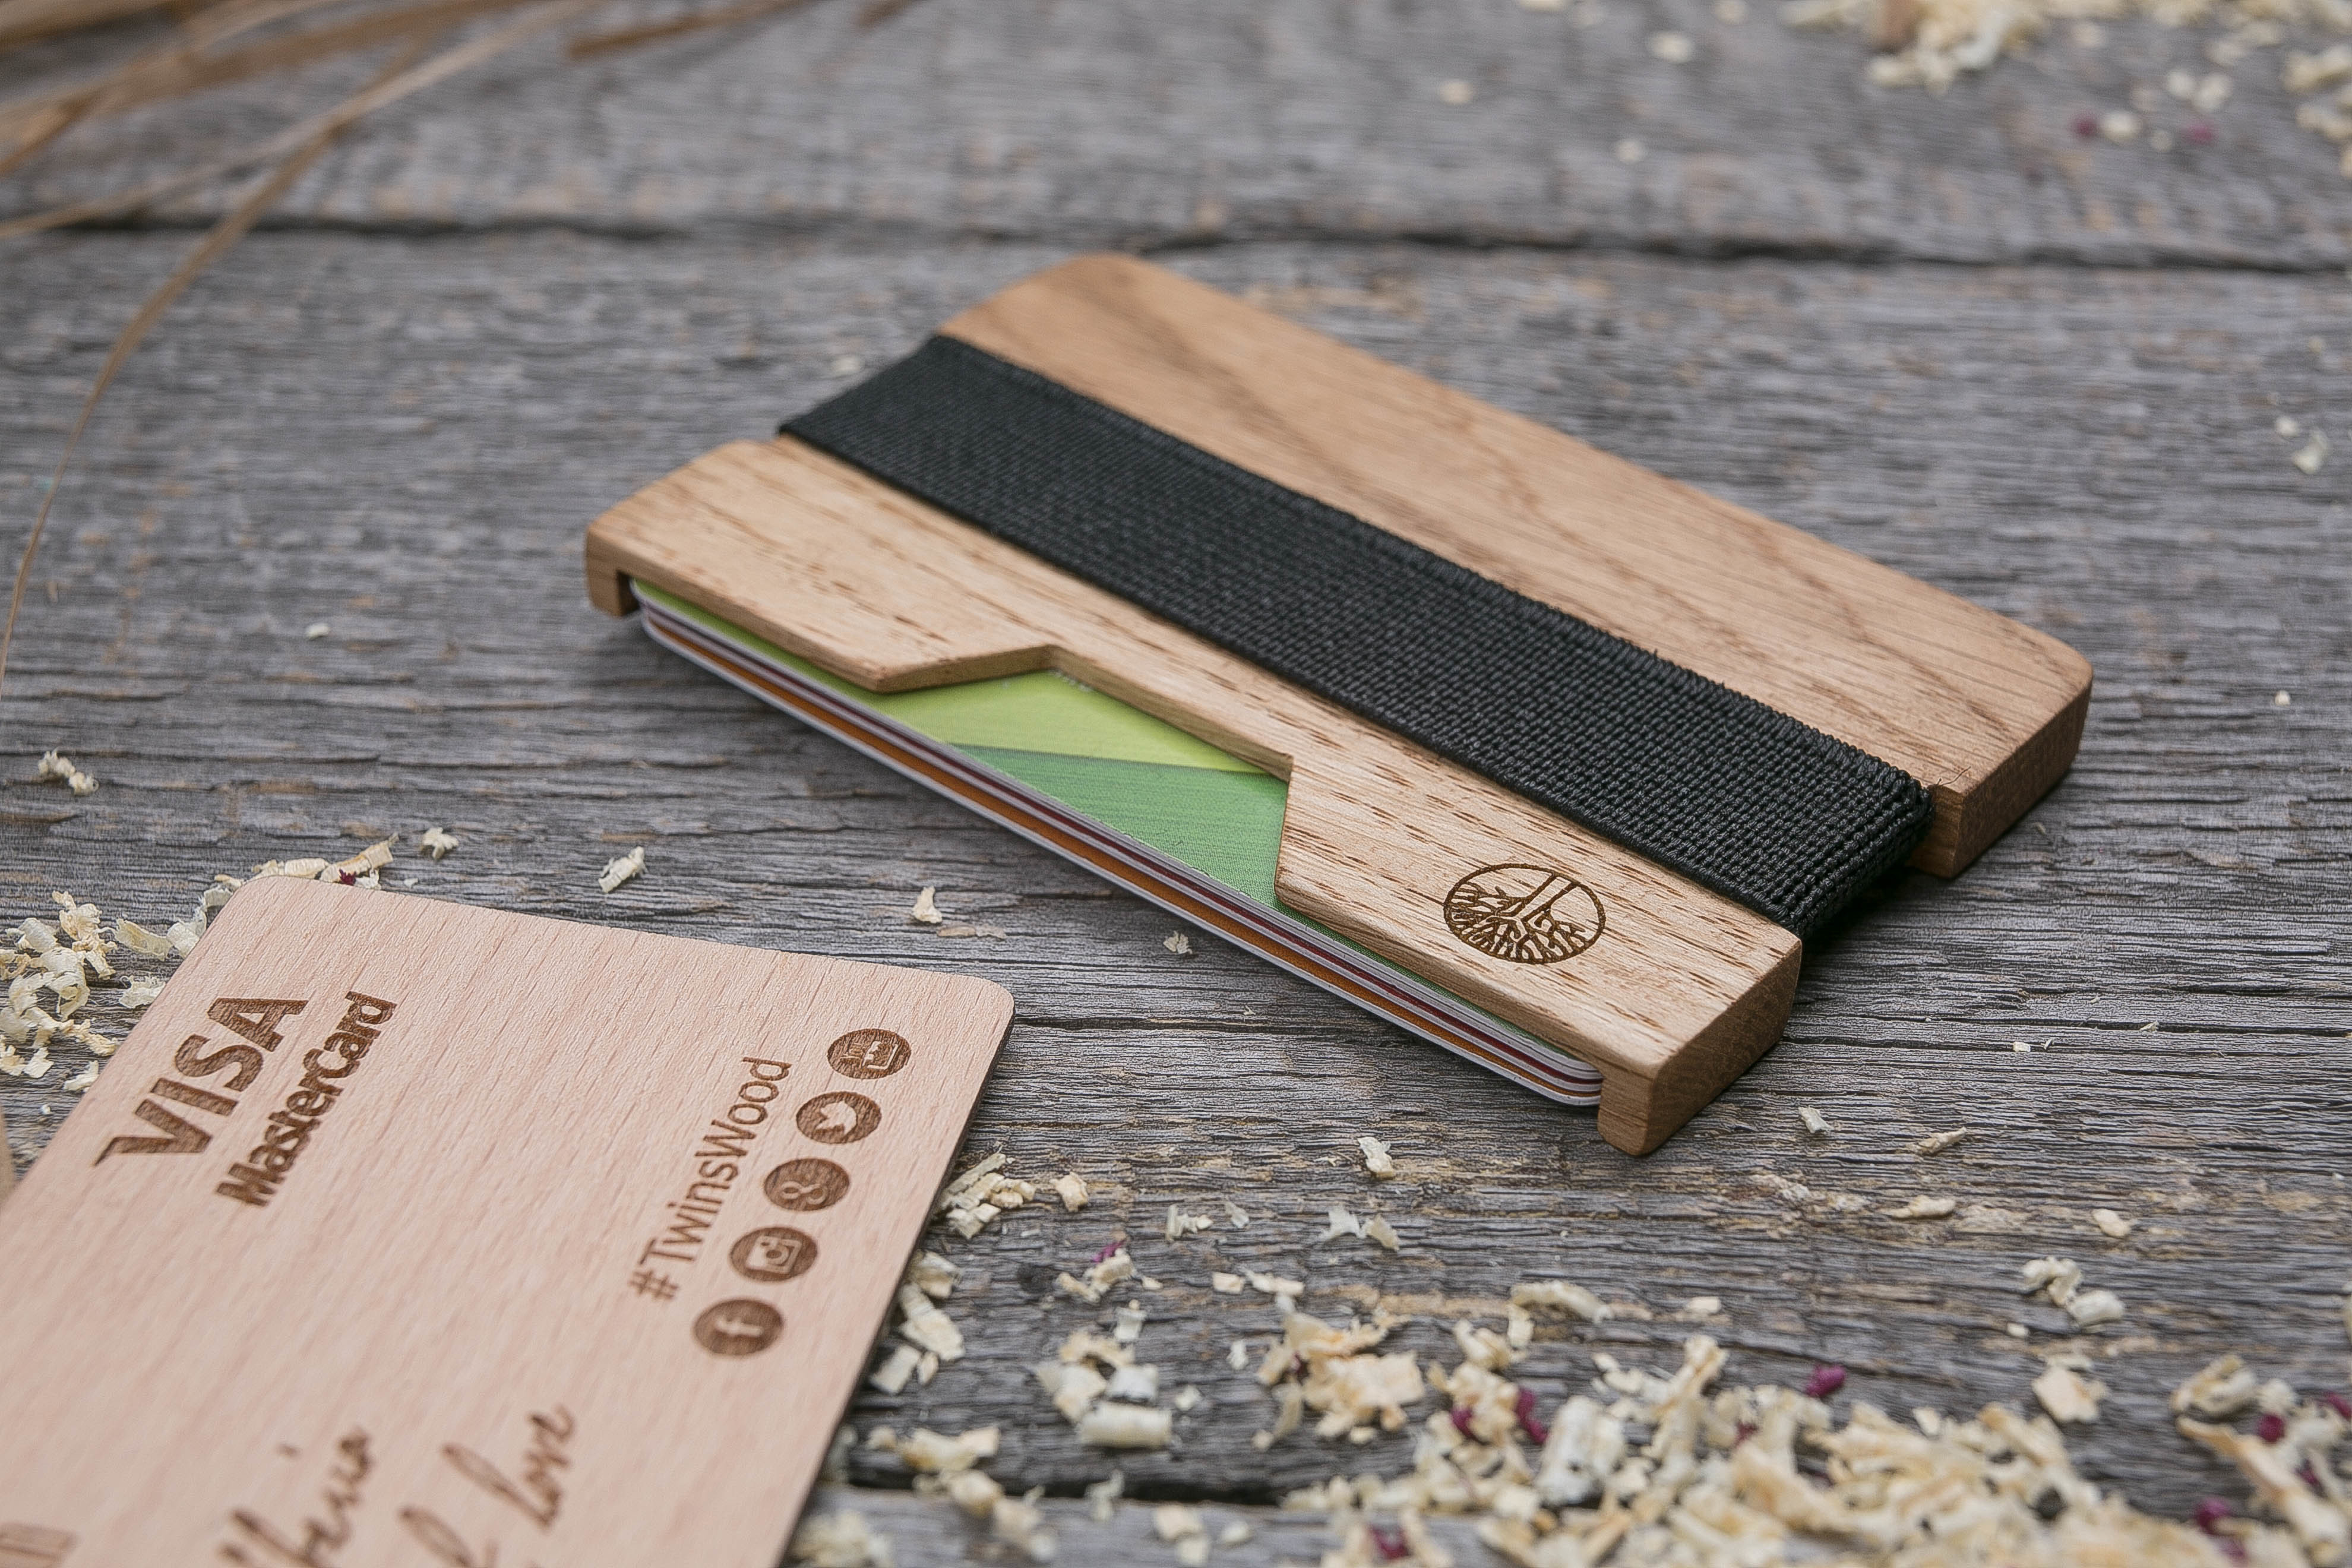 Деревянный кошелек  из дуба. Горизонтальная загрузка. Для 1-6 пластиковых карт и купюр. Поддержка Apple Pay. Гравировка имени или логотипа. Бизнес сувенир. Подарок другу. Именной кошелек